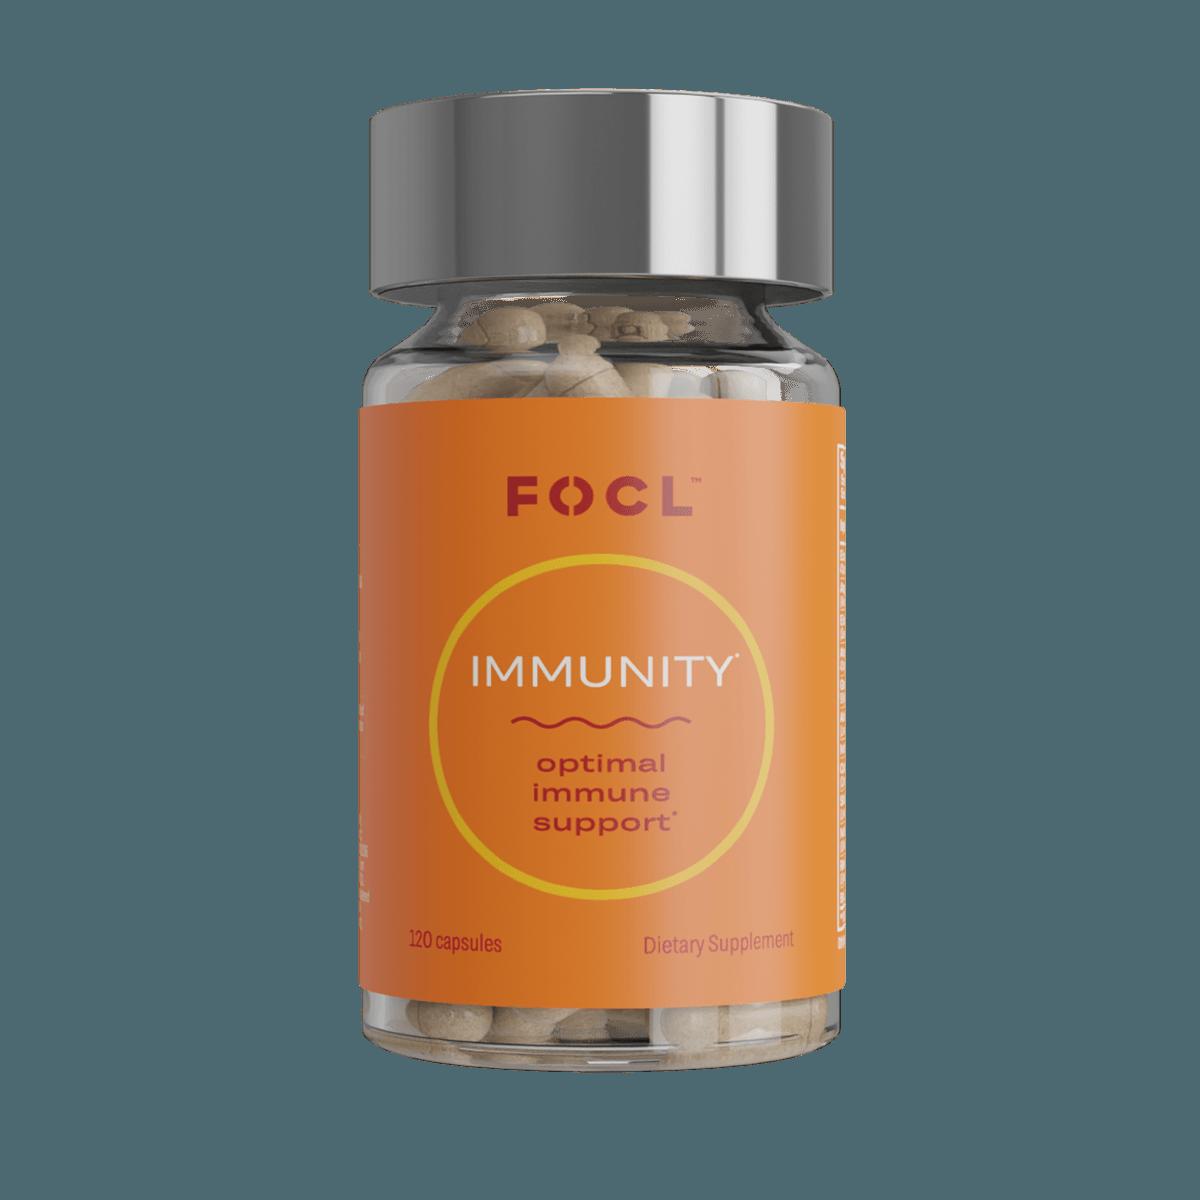 FOCL Immunity